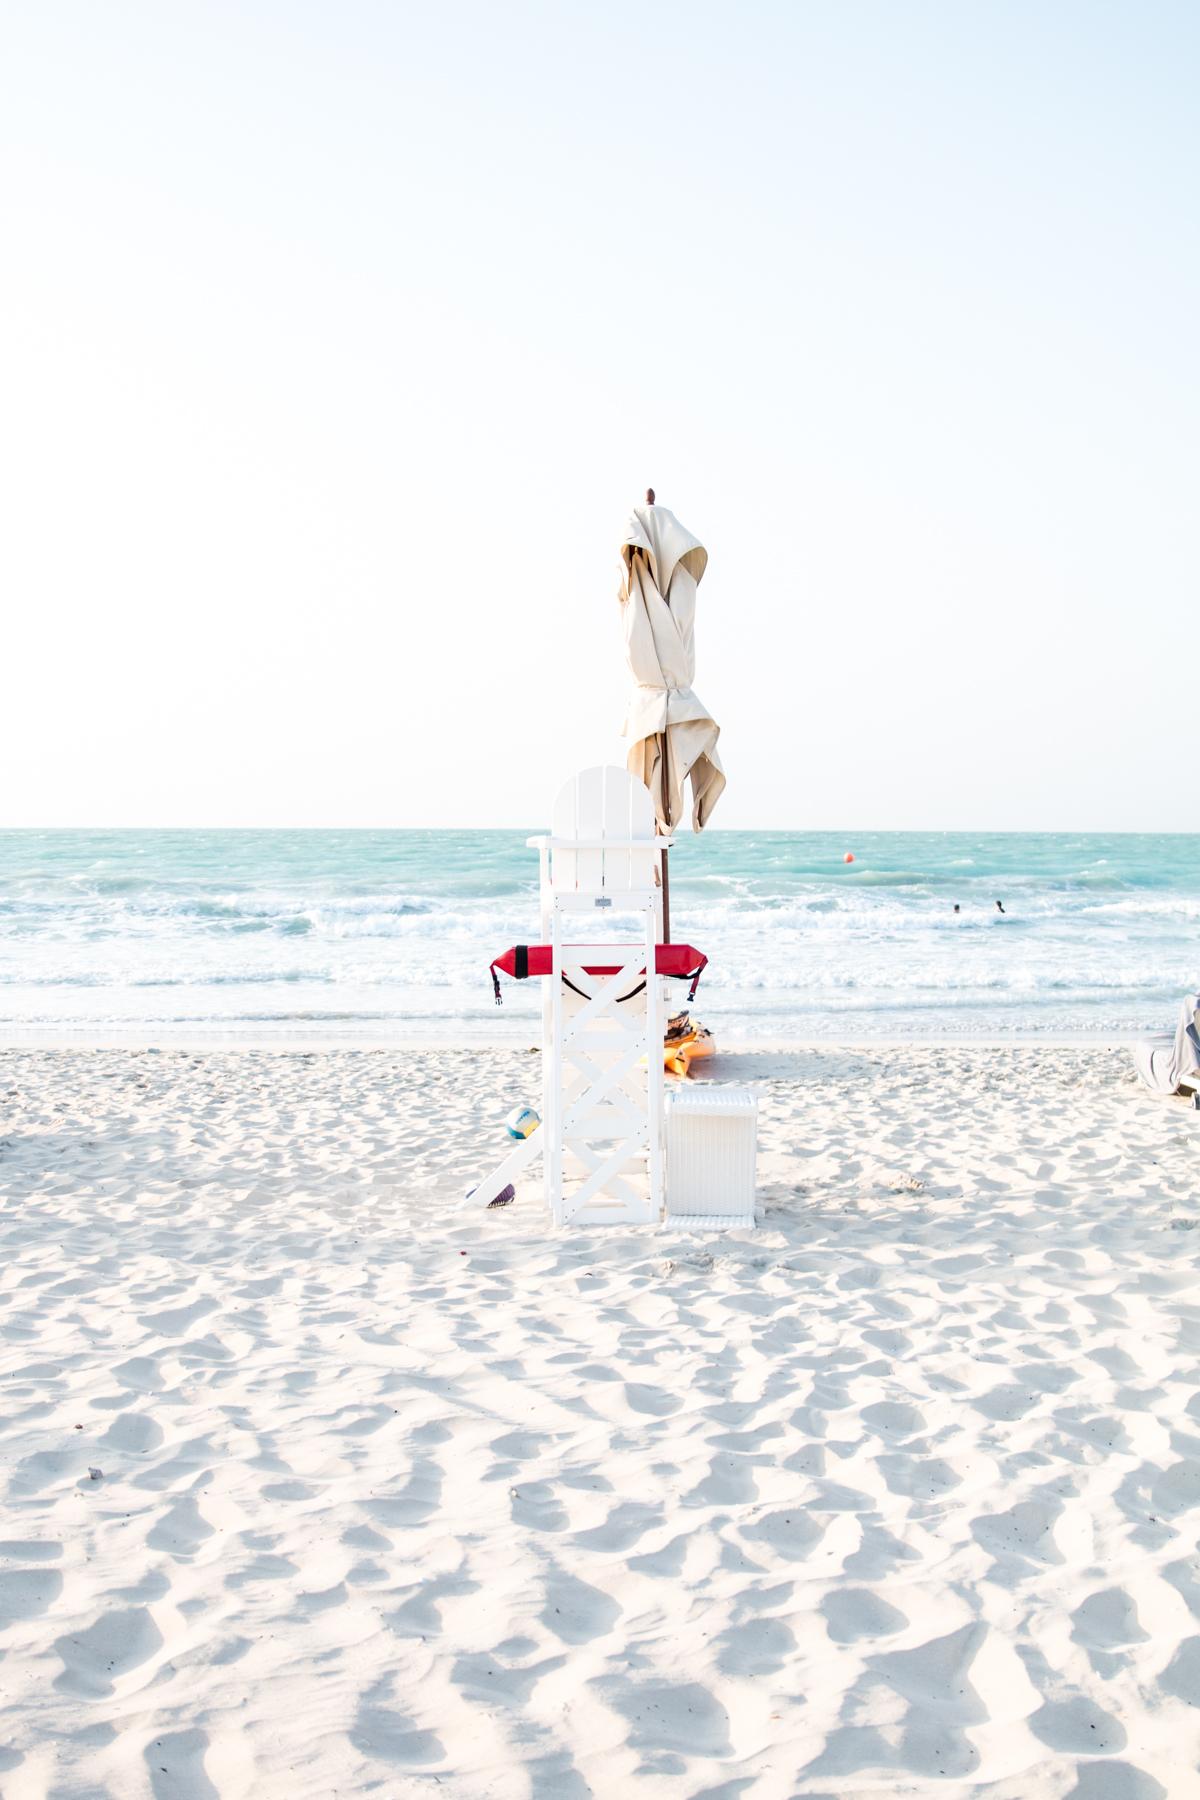 Escape The Cold - Tropical Winter Destinations   Love Dailydose